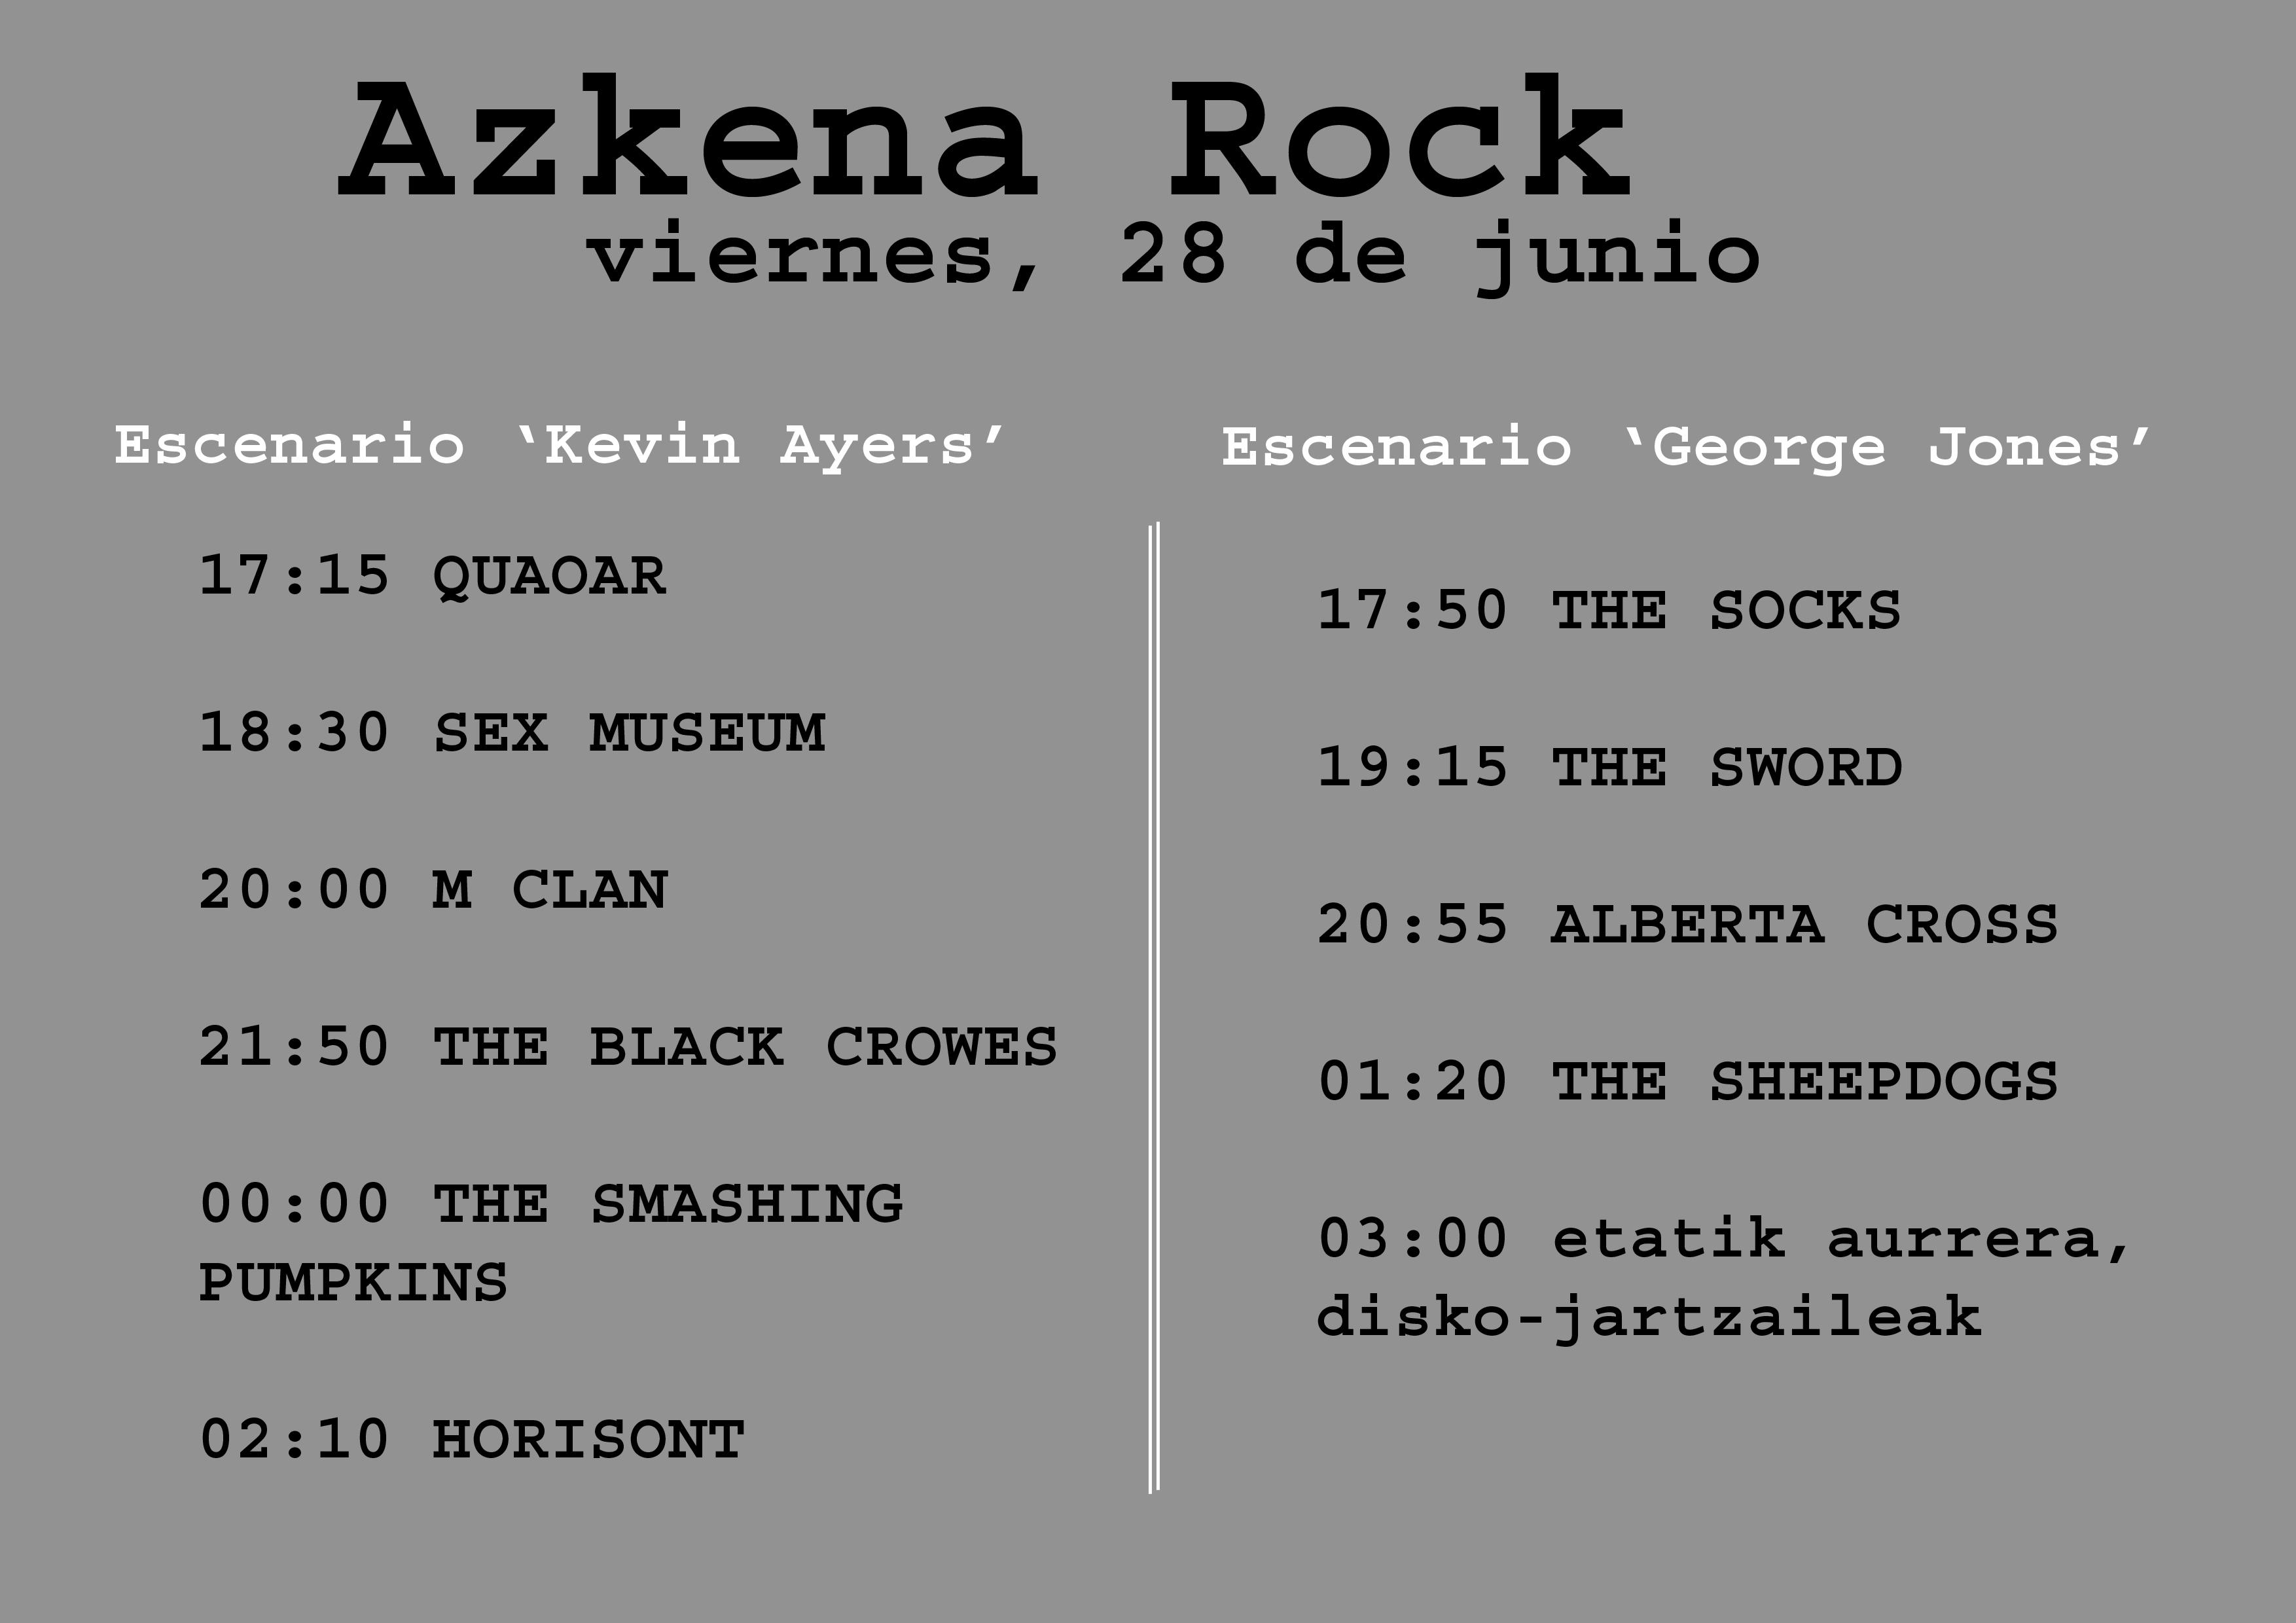 Azkena Rock, viernes 28 de junio de 2013